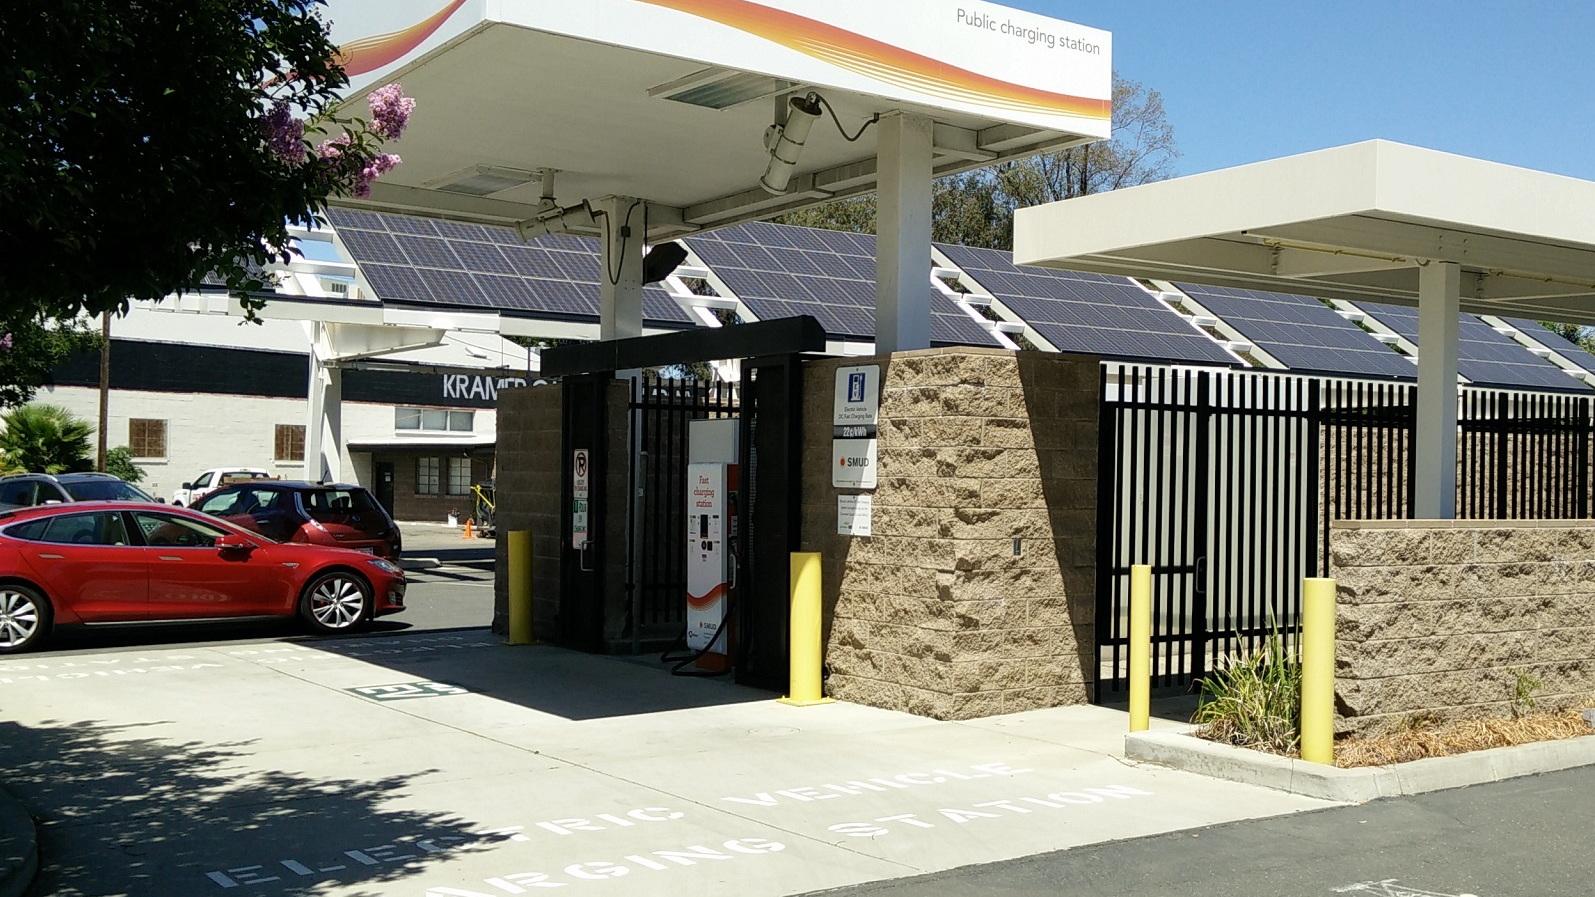 Sacramento Municipal Utility District electric car DC fast-charging site, Jun 2015  [George Parrott]